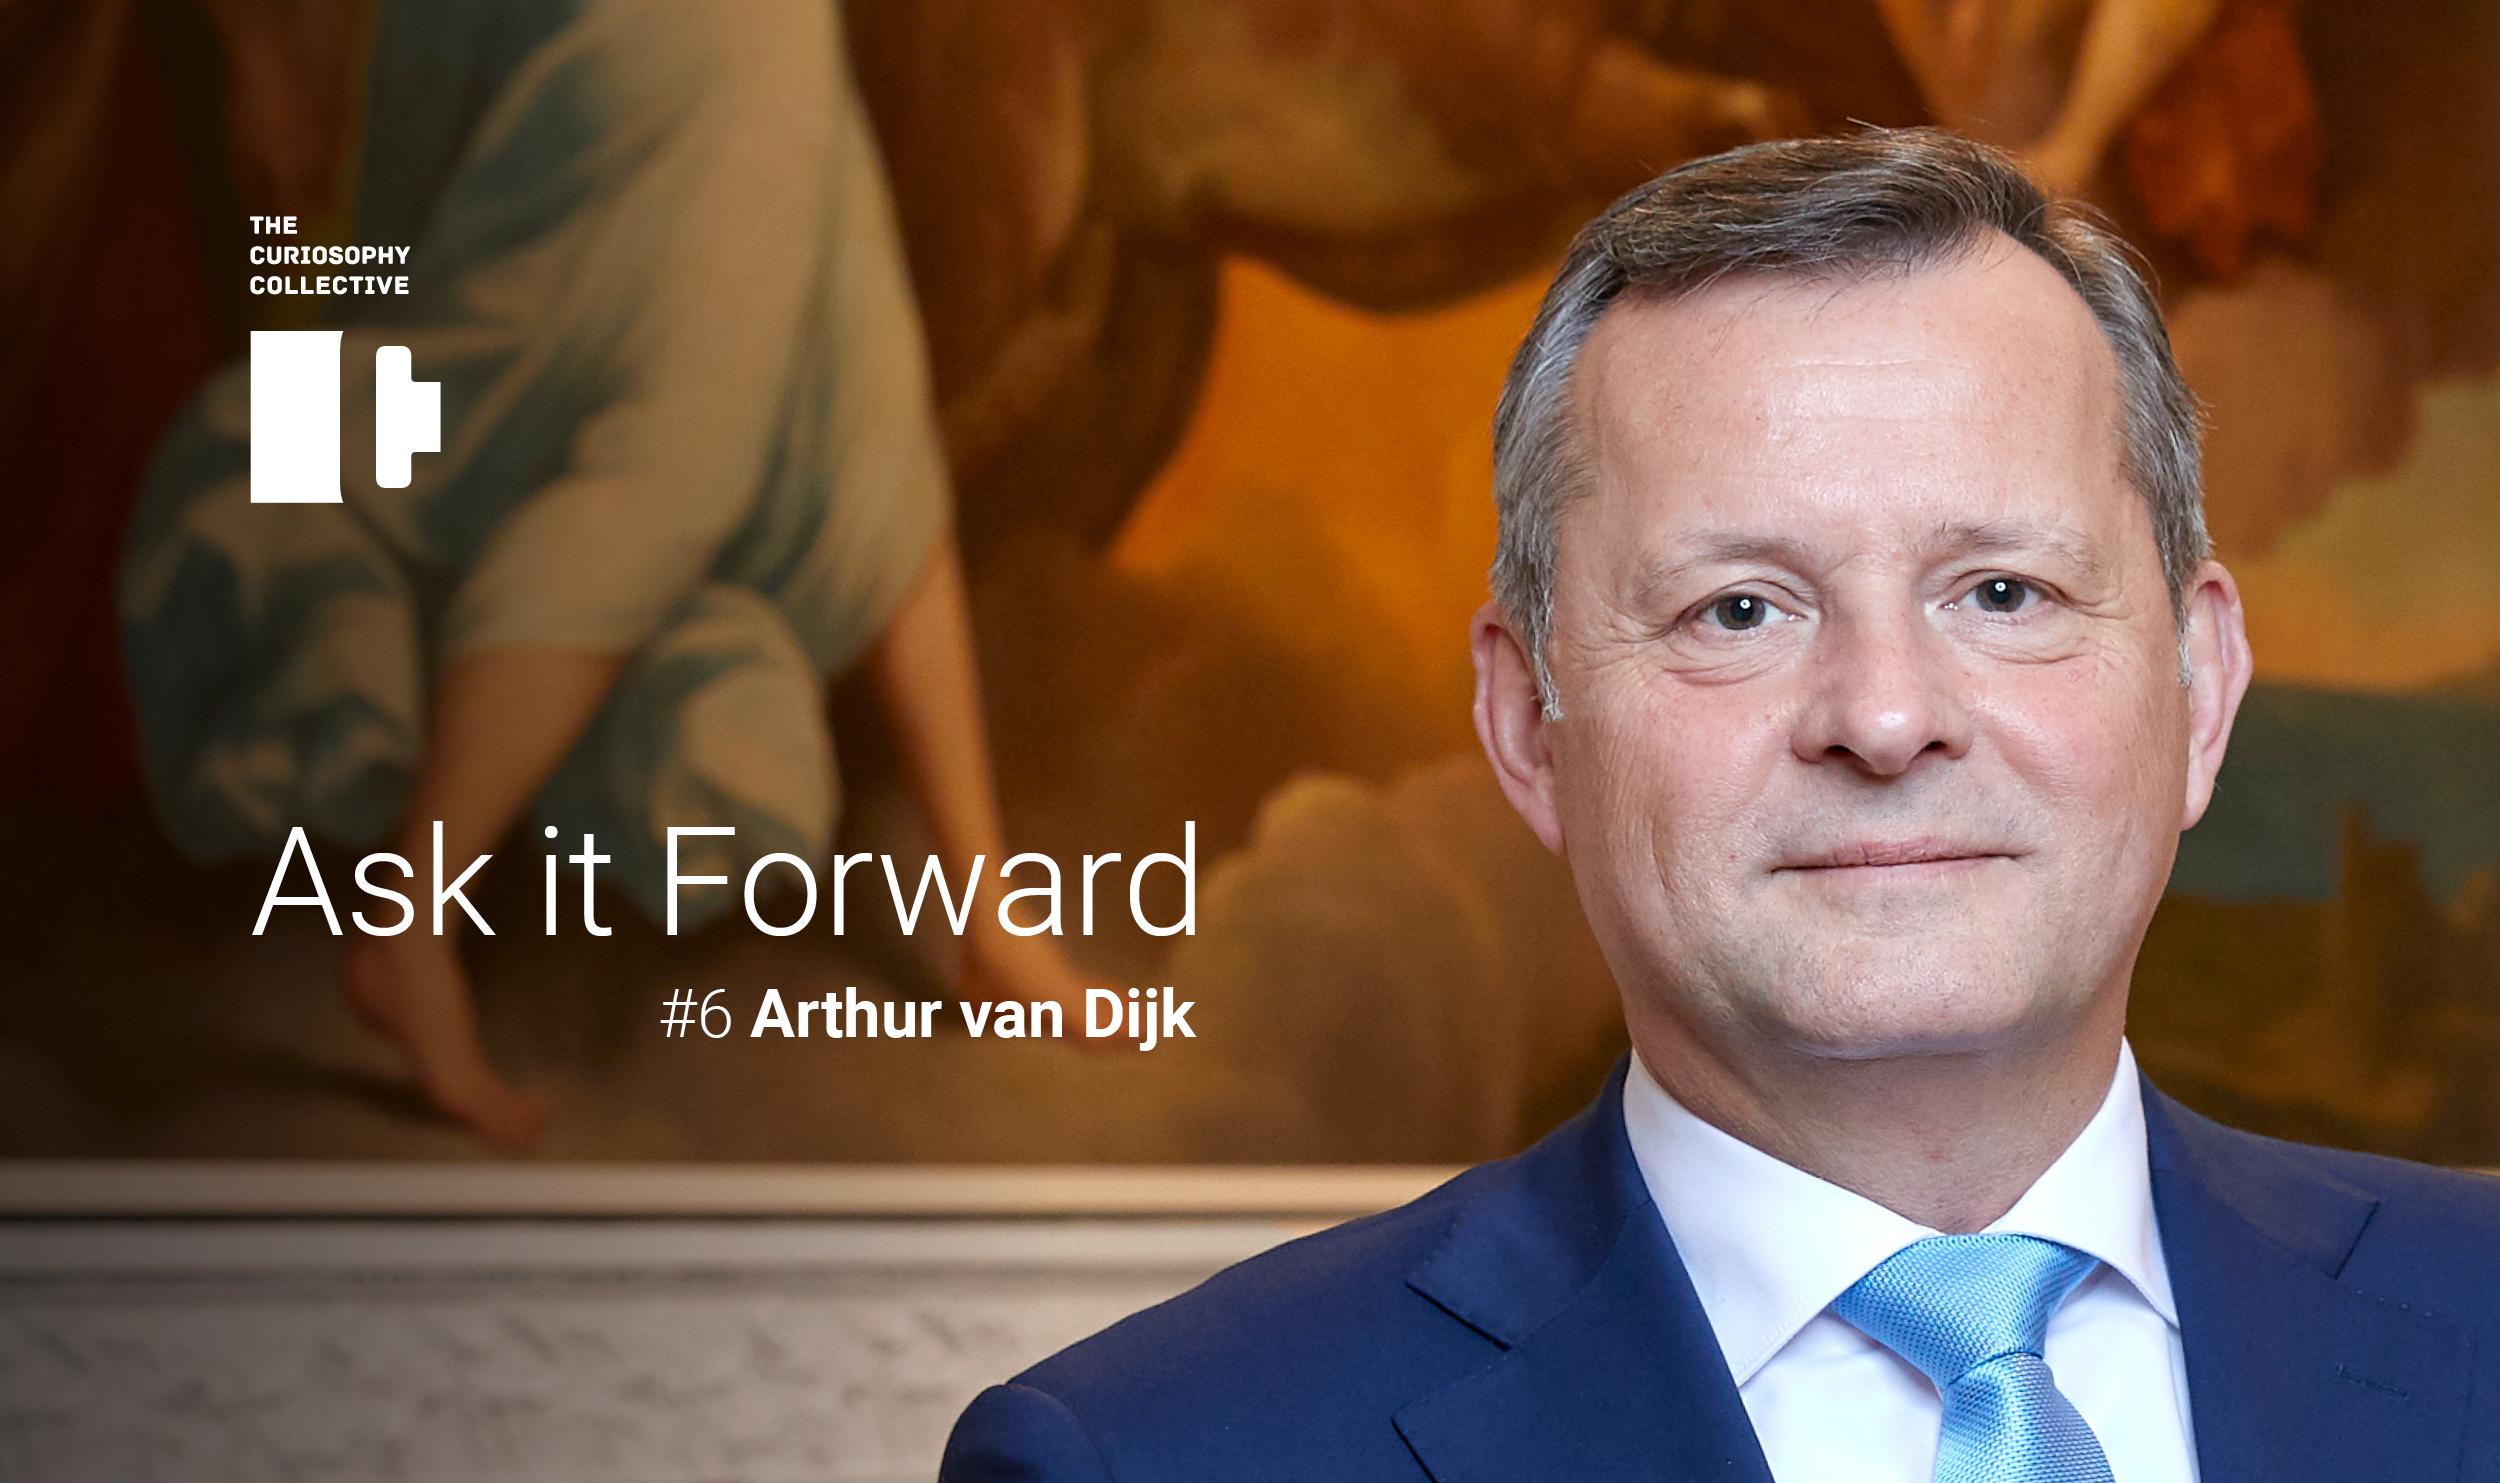 Ask it Forward #6 Arthur van Dijk